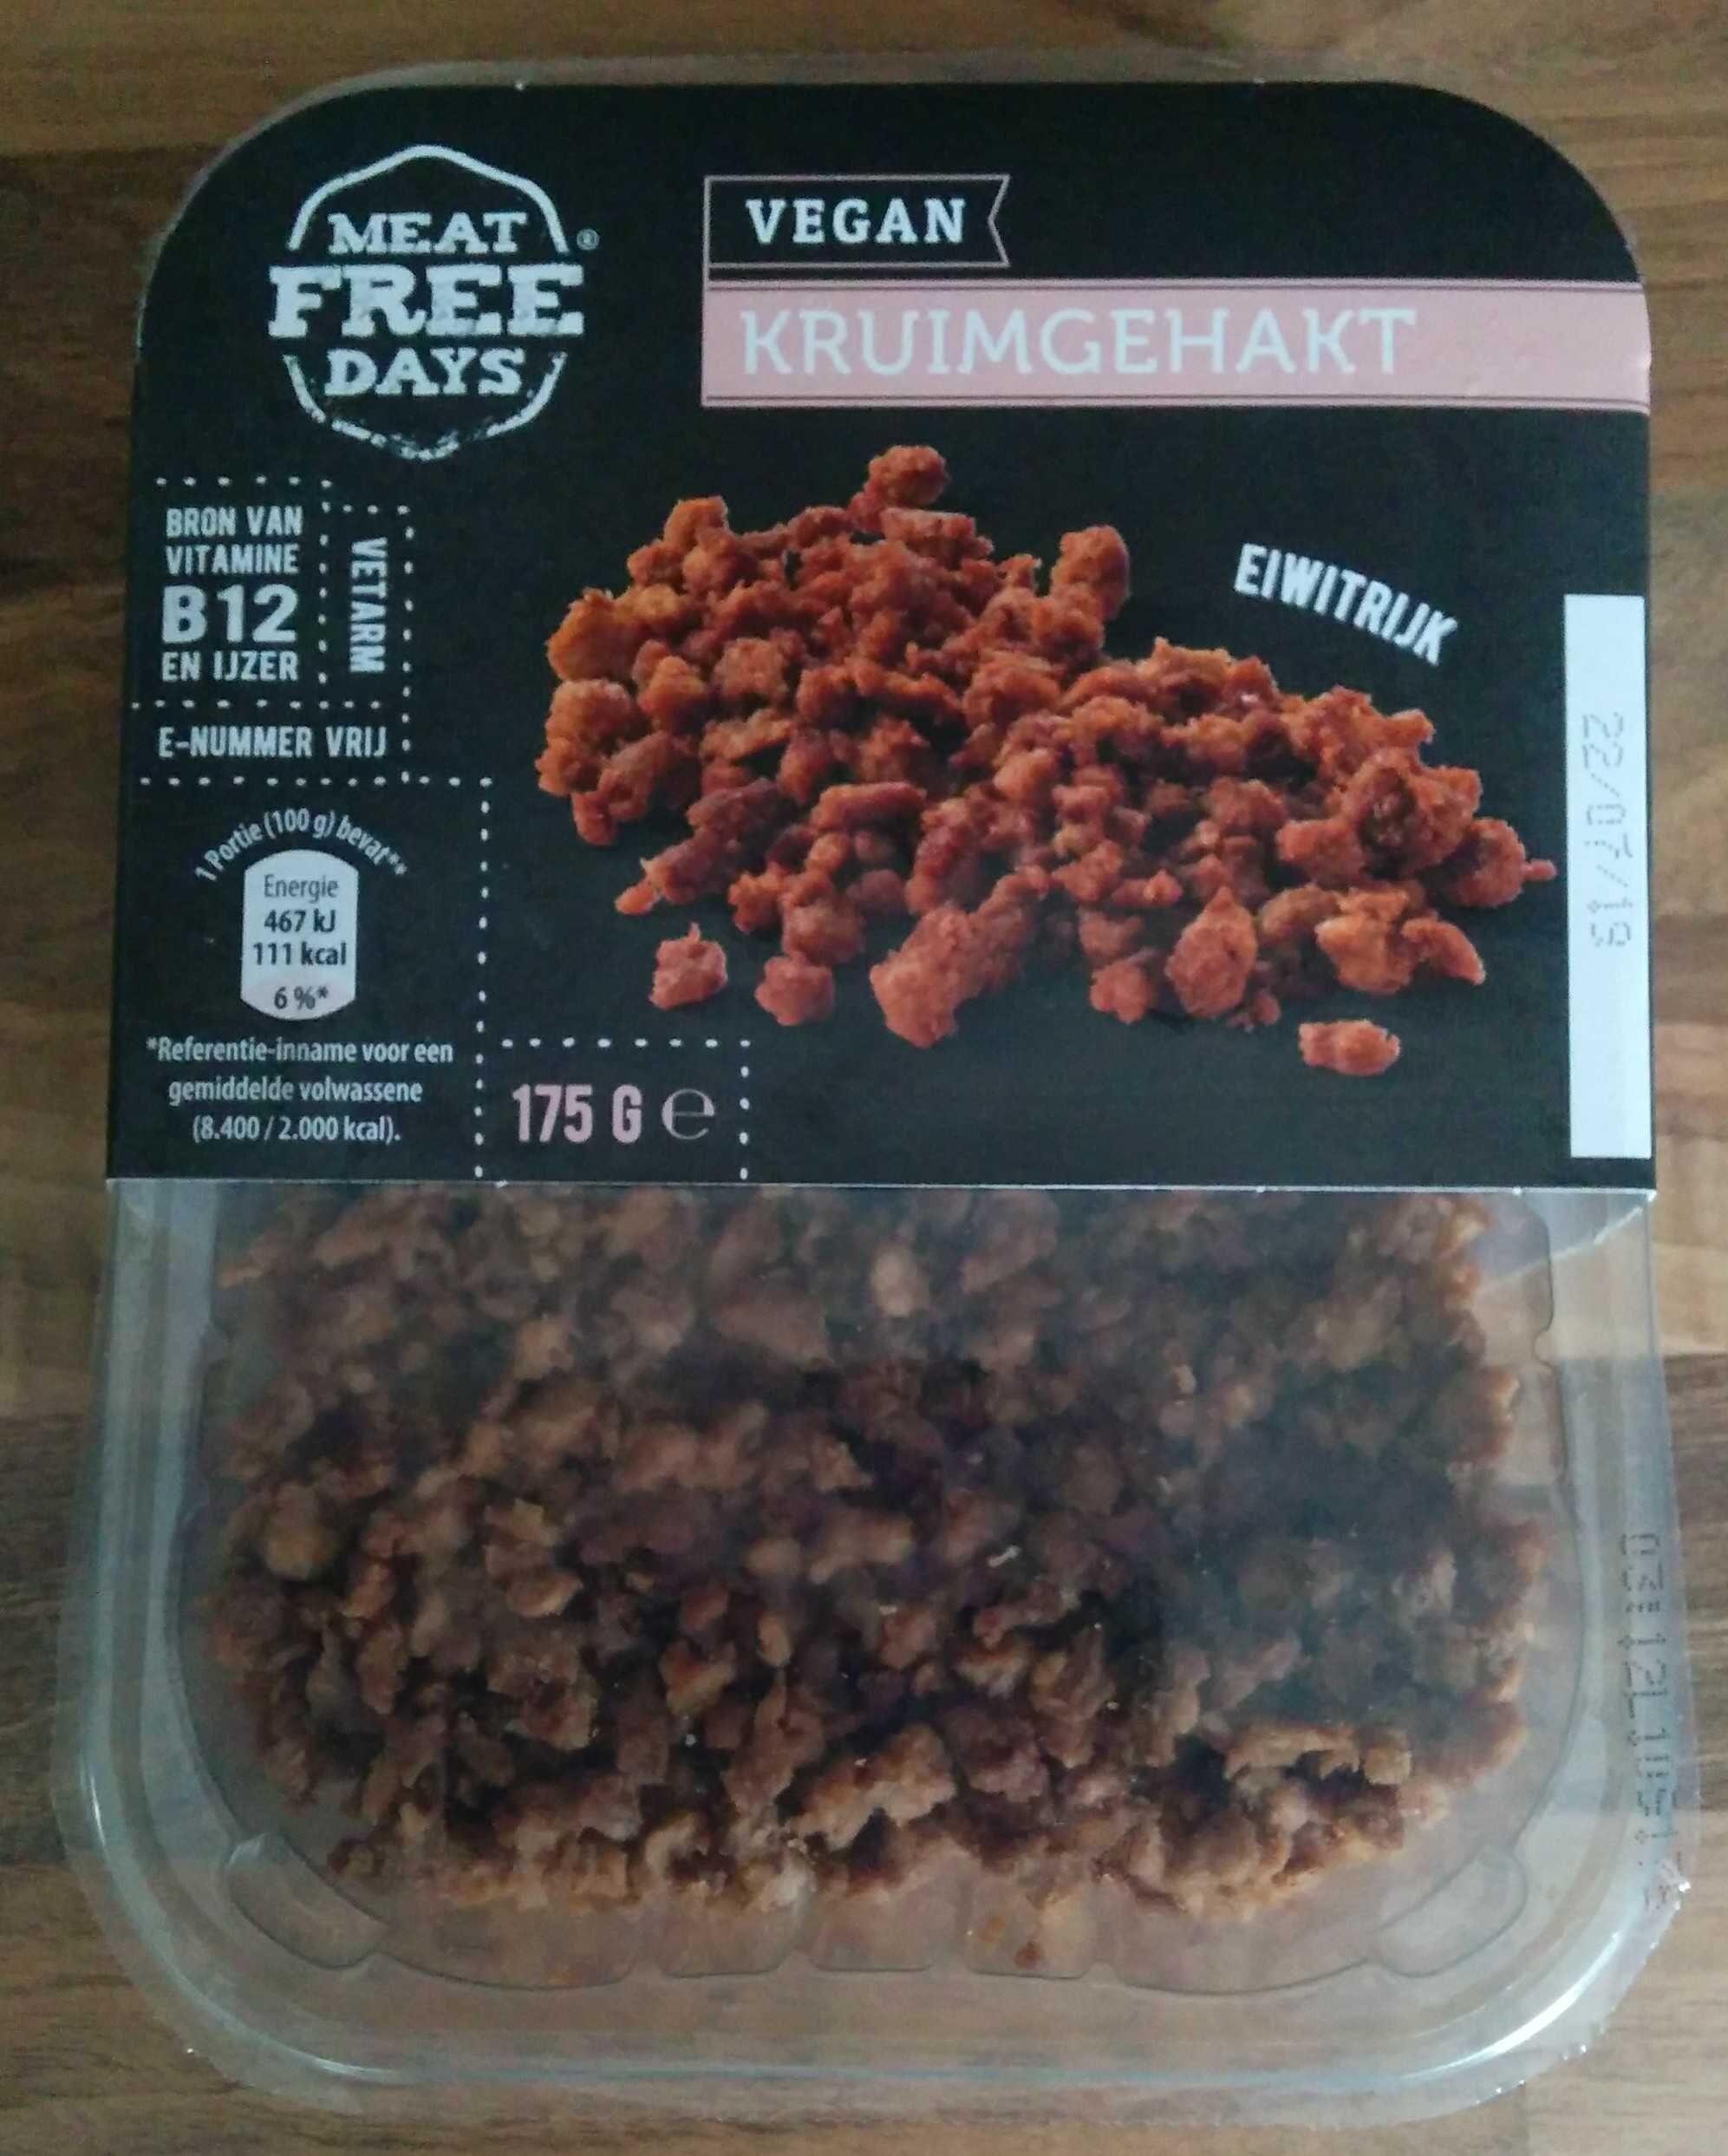 vegan kruimgehakt - Product - en